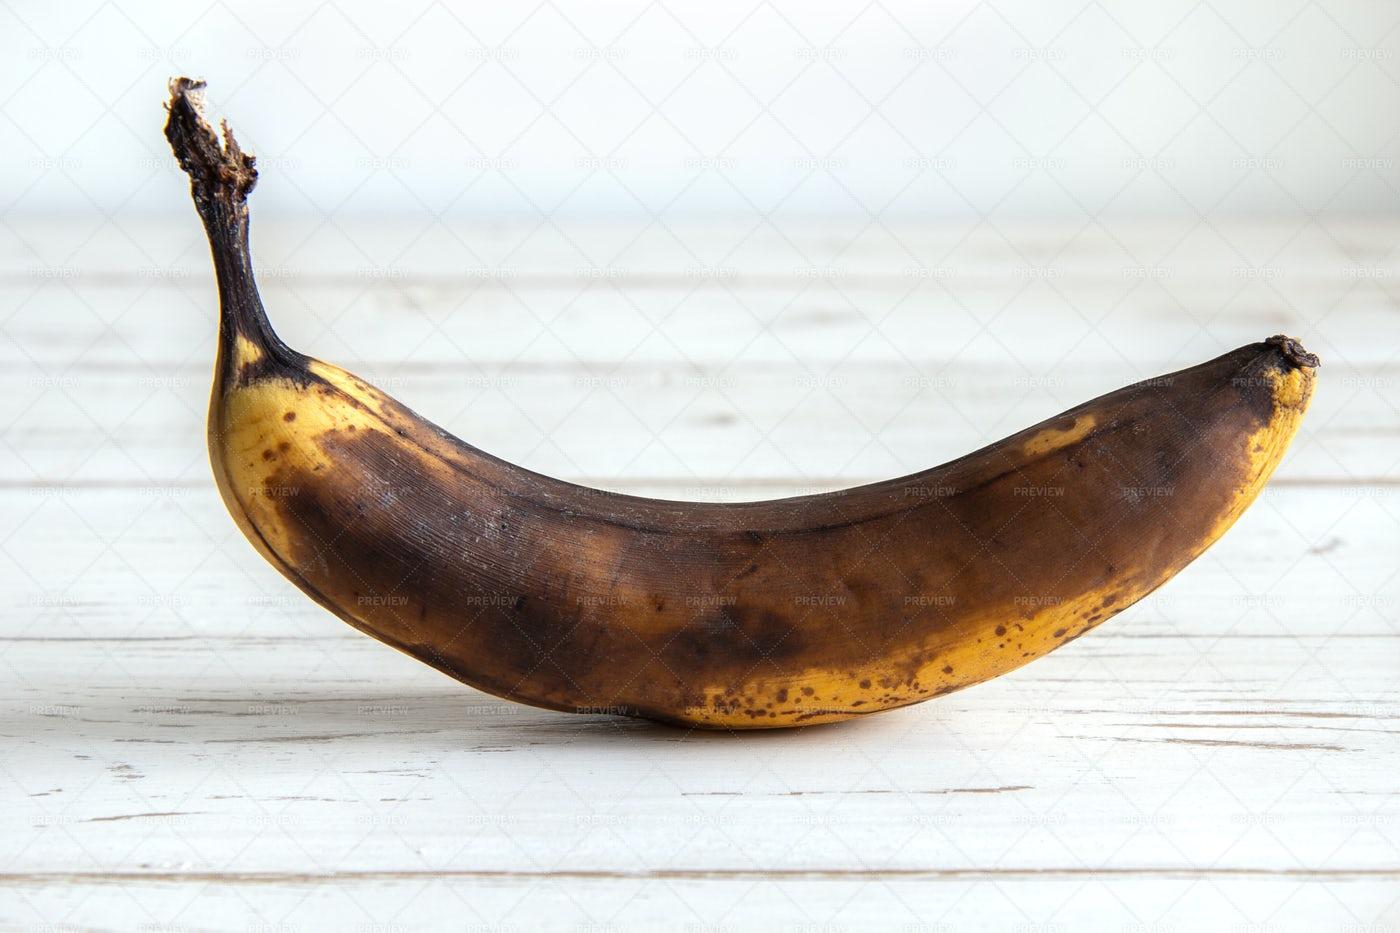 Spoiled Darkened Banana: Stock Photos